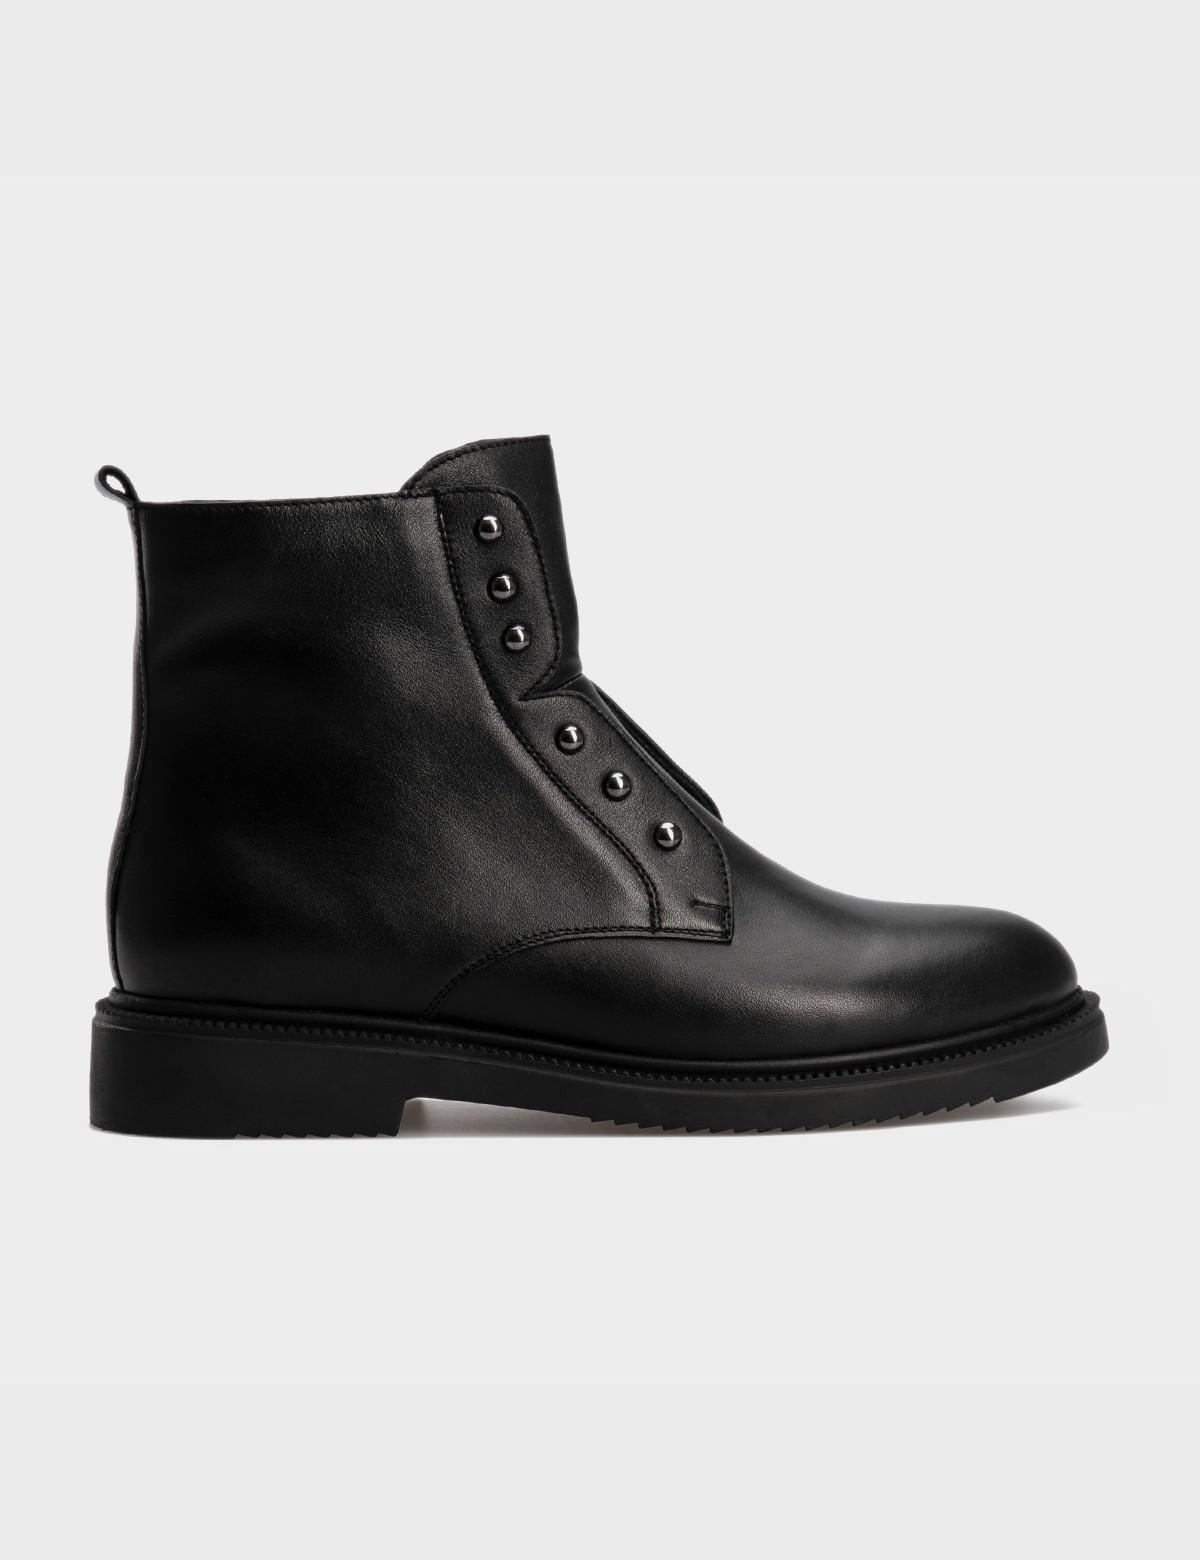 Ботинки черные, натуральная кожа. Шерсть